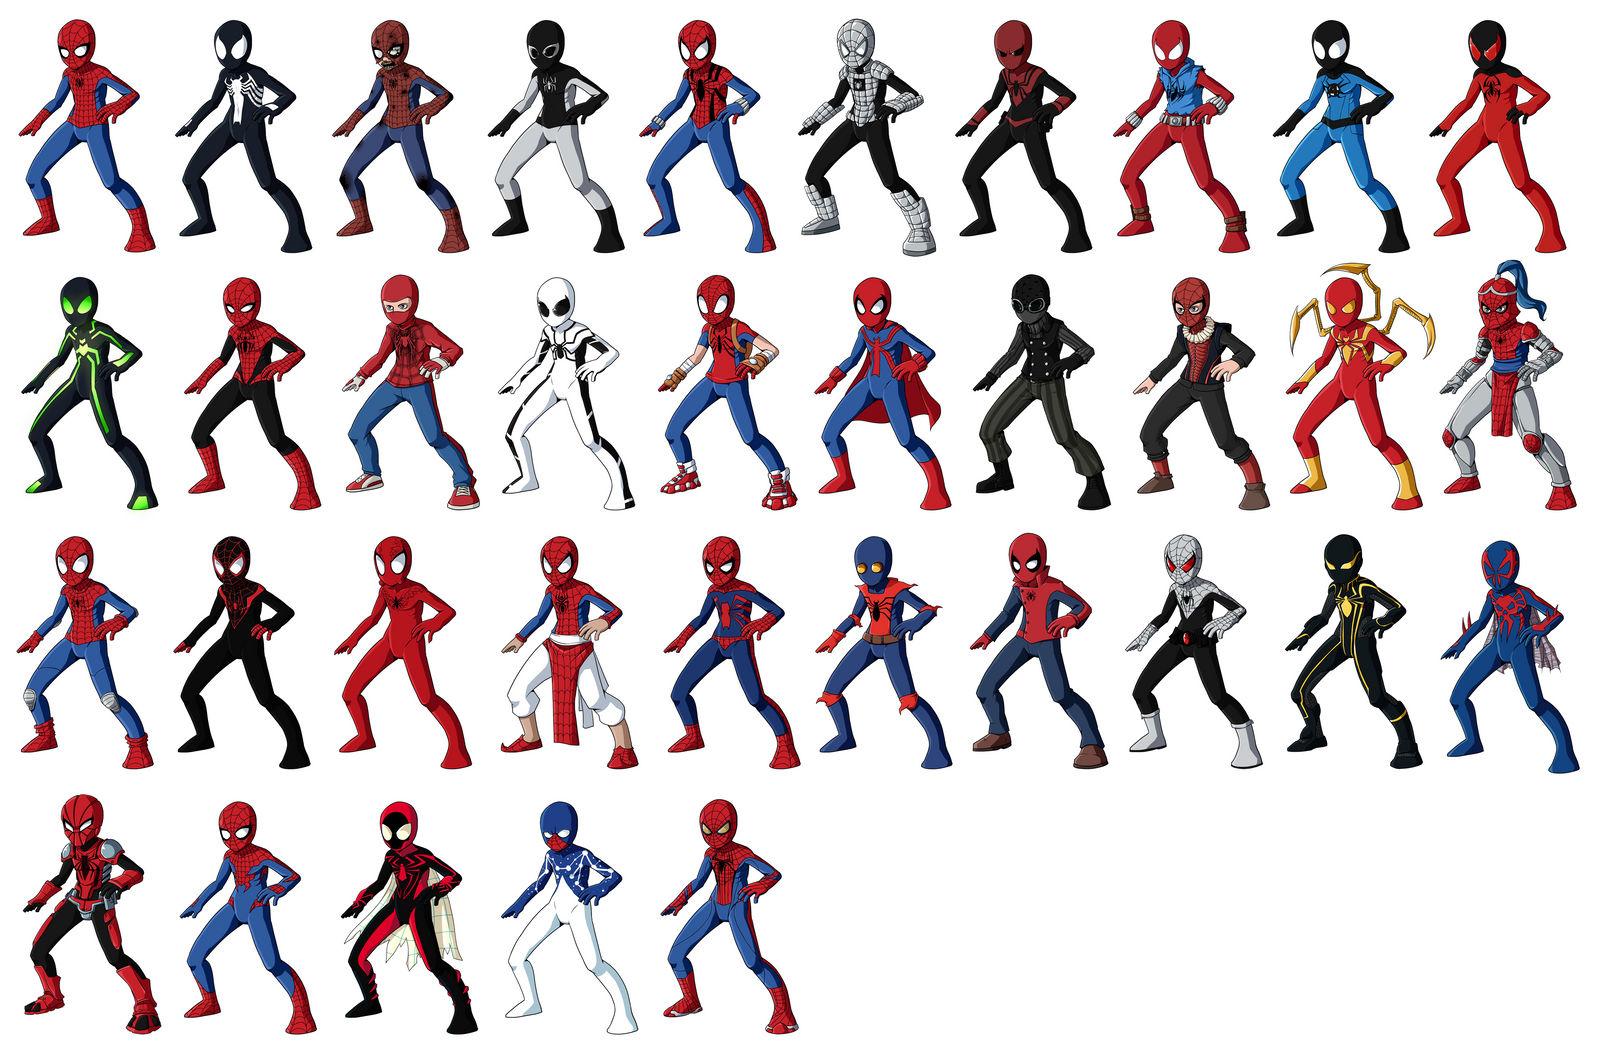 Spider-Man Alternate Versions by RainDante